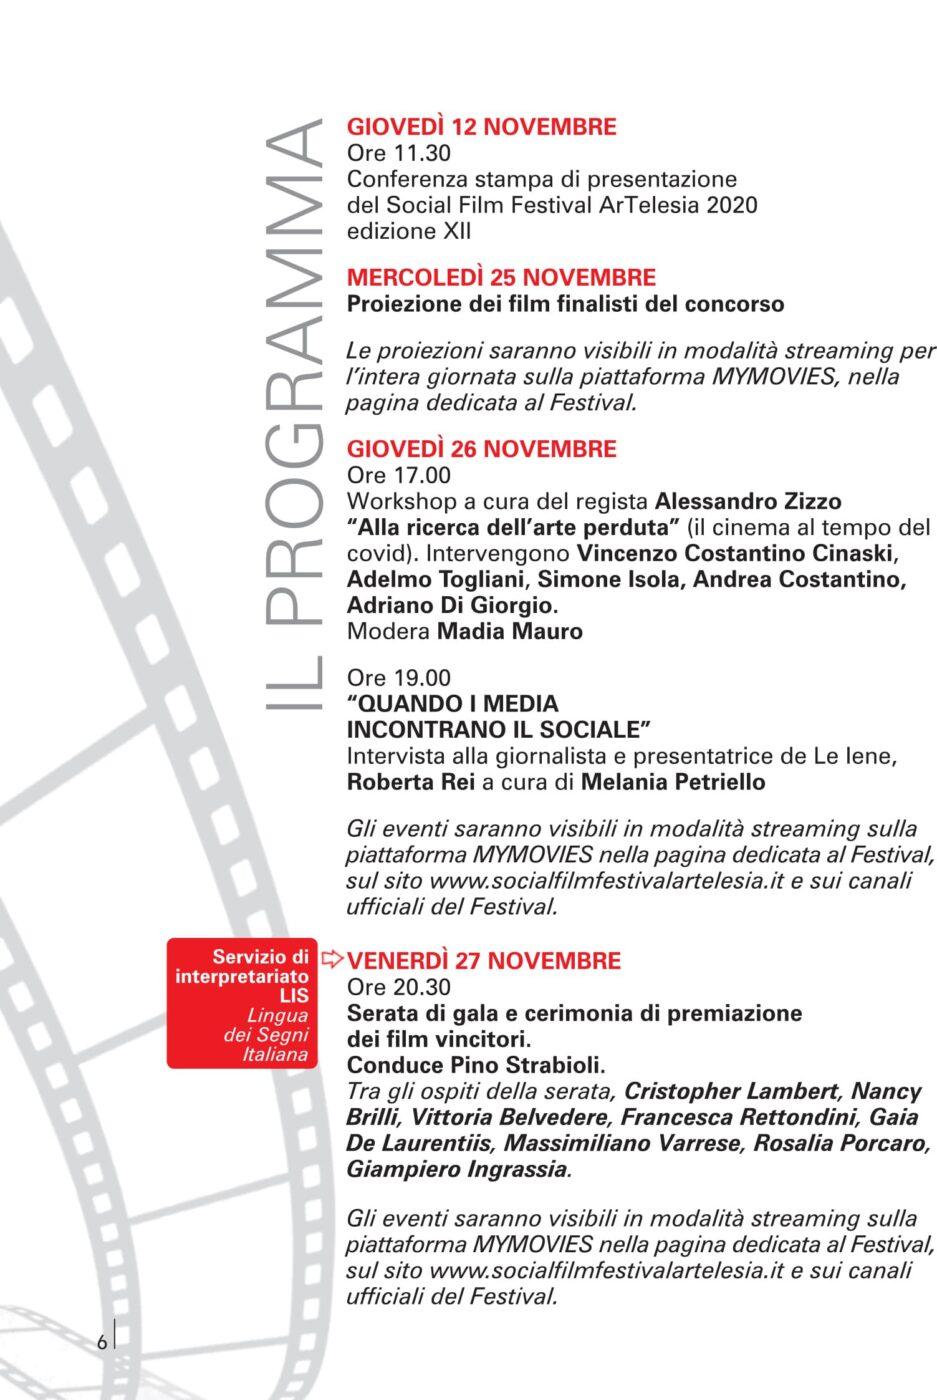 Programma del Social Film Festival ArTelesia 2020